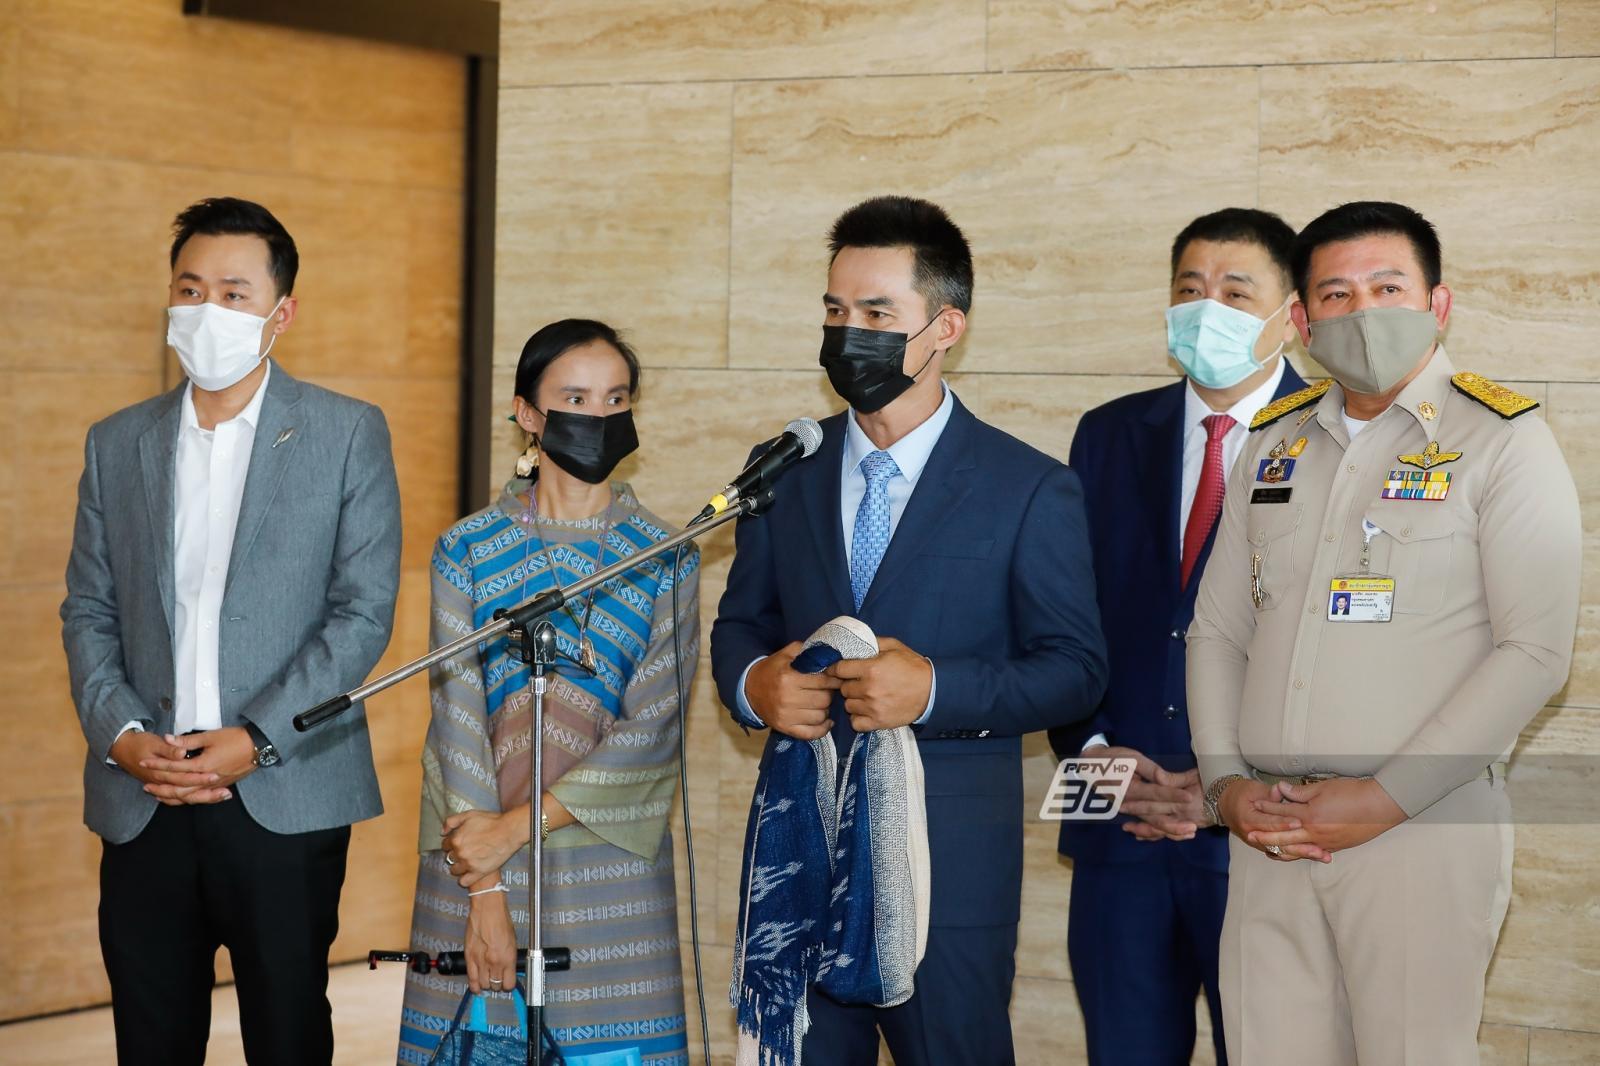 """""""เอาผู้ต้องหามาแถลงสู้คดีอยู่ใต้ถุนสภาฯ มันอะไรเกิดขึ้นในประเทศไทย"""" นายกฯจวกแรง พา """"ลุงพล"""" จ้อ"""